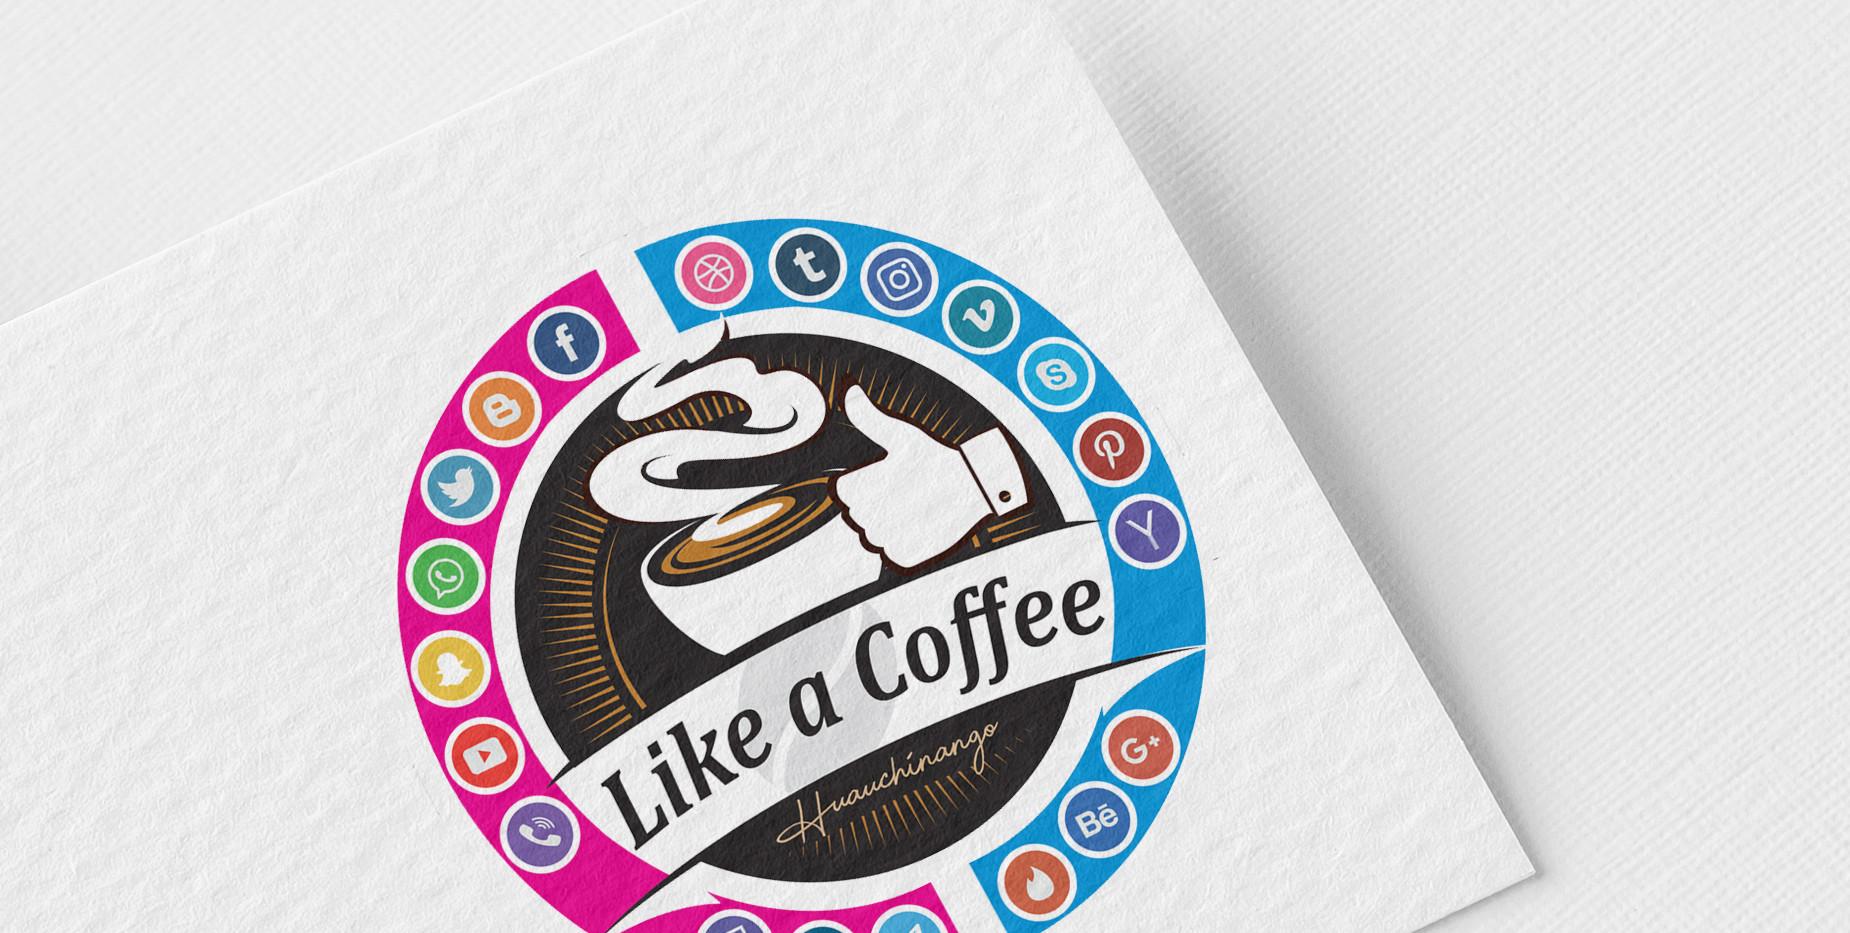 likecoffe.jpg